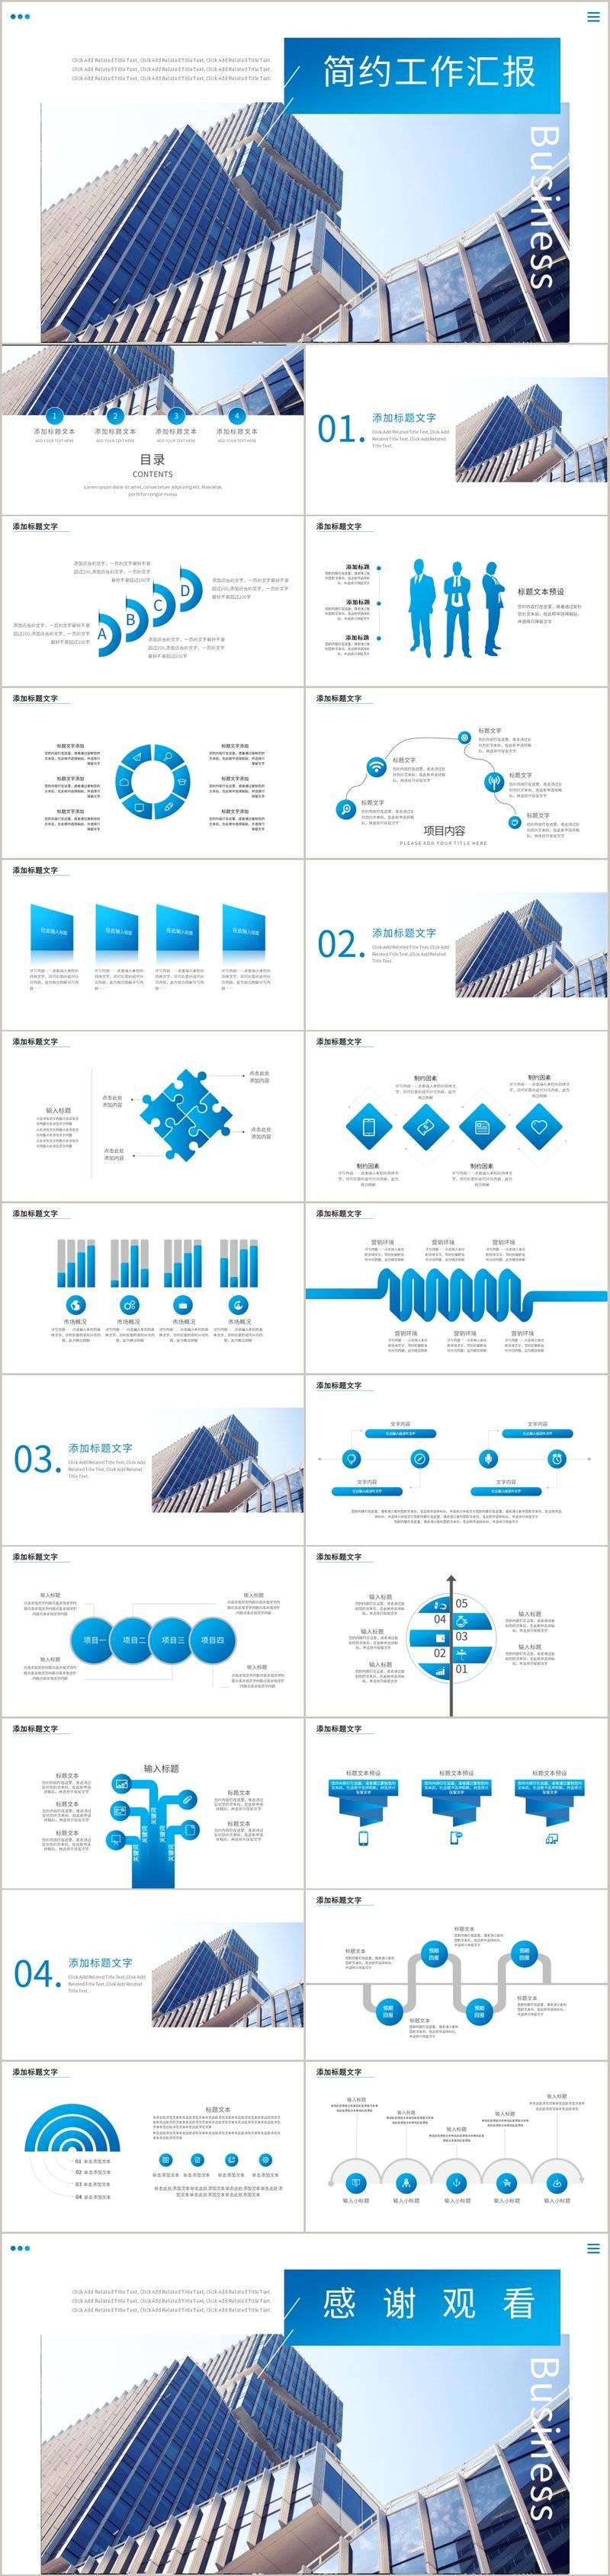 简约清新蓝色商务年度季度工作总结会议报告PPT模板